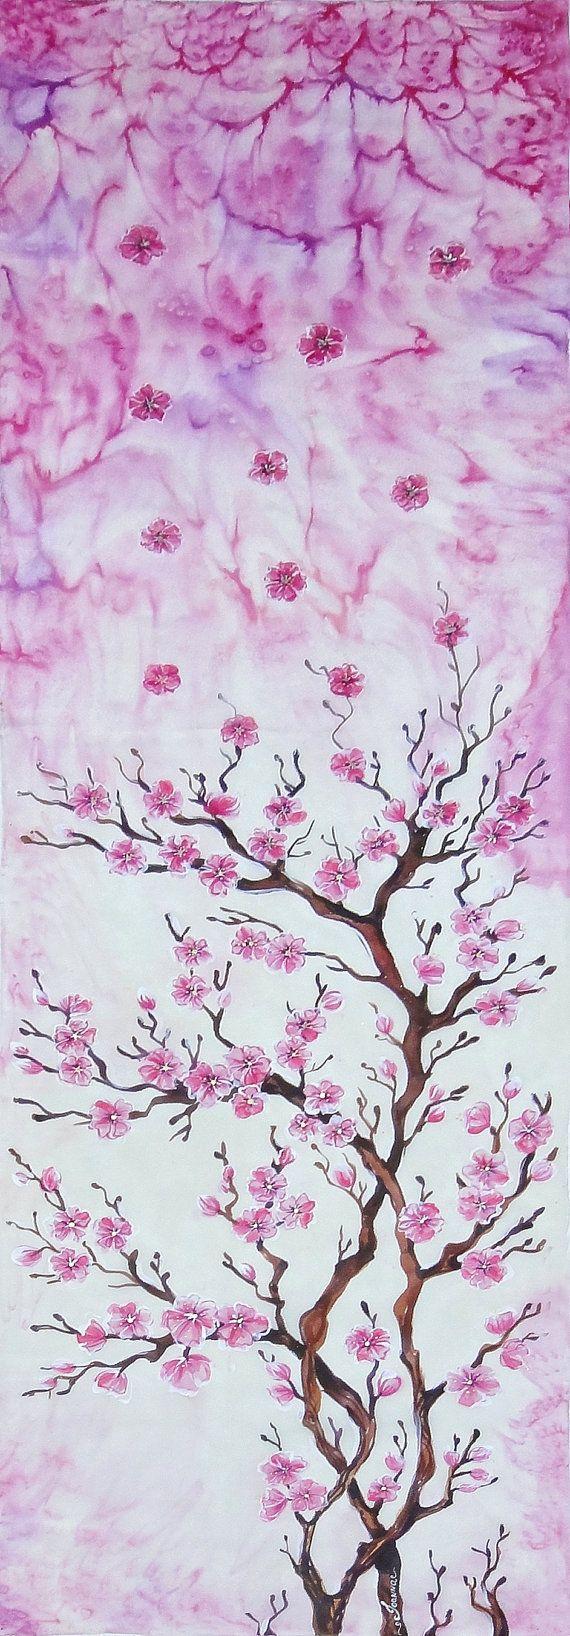 Hand painted silk scarf Sakura flower by JoannaArtDesign on Etsy